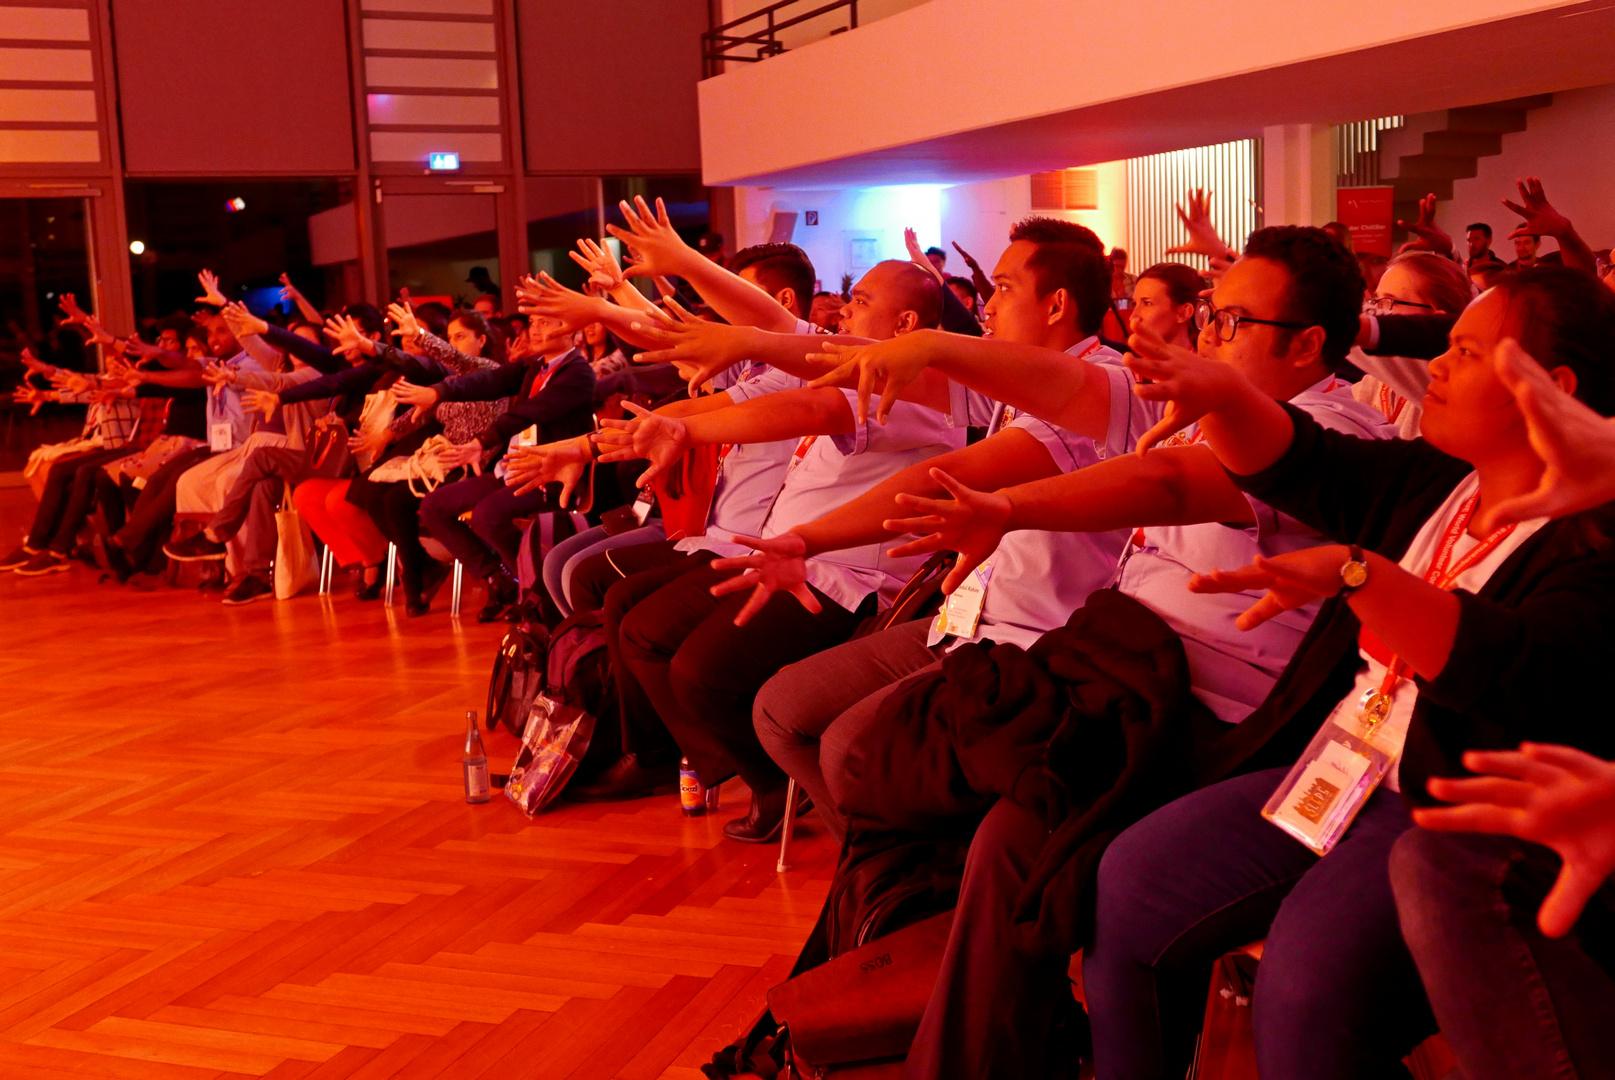 Welt-Jugendfreiwilligenforum 2018 Augsburg / Deutschland - 16.10.2018 Fachhochschule Party - Foto: Christoph Urban - Freiwilligen-Zentrum Augsburg